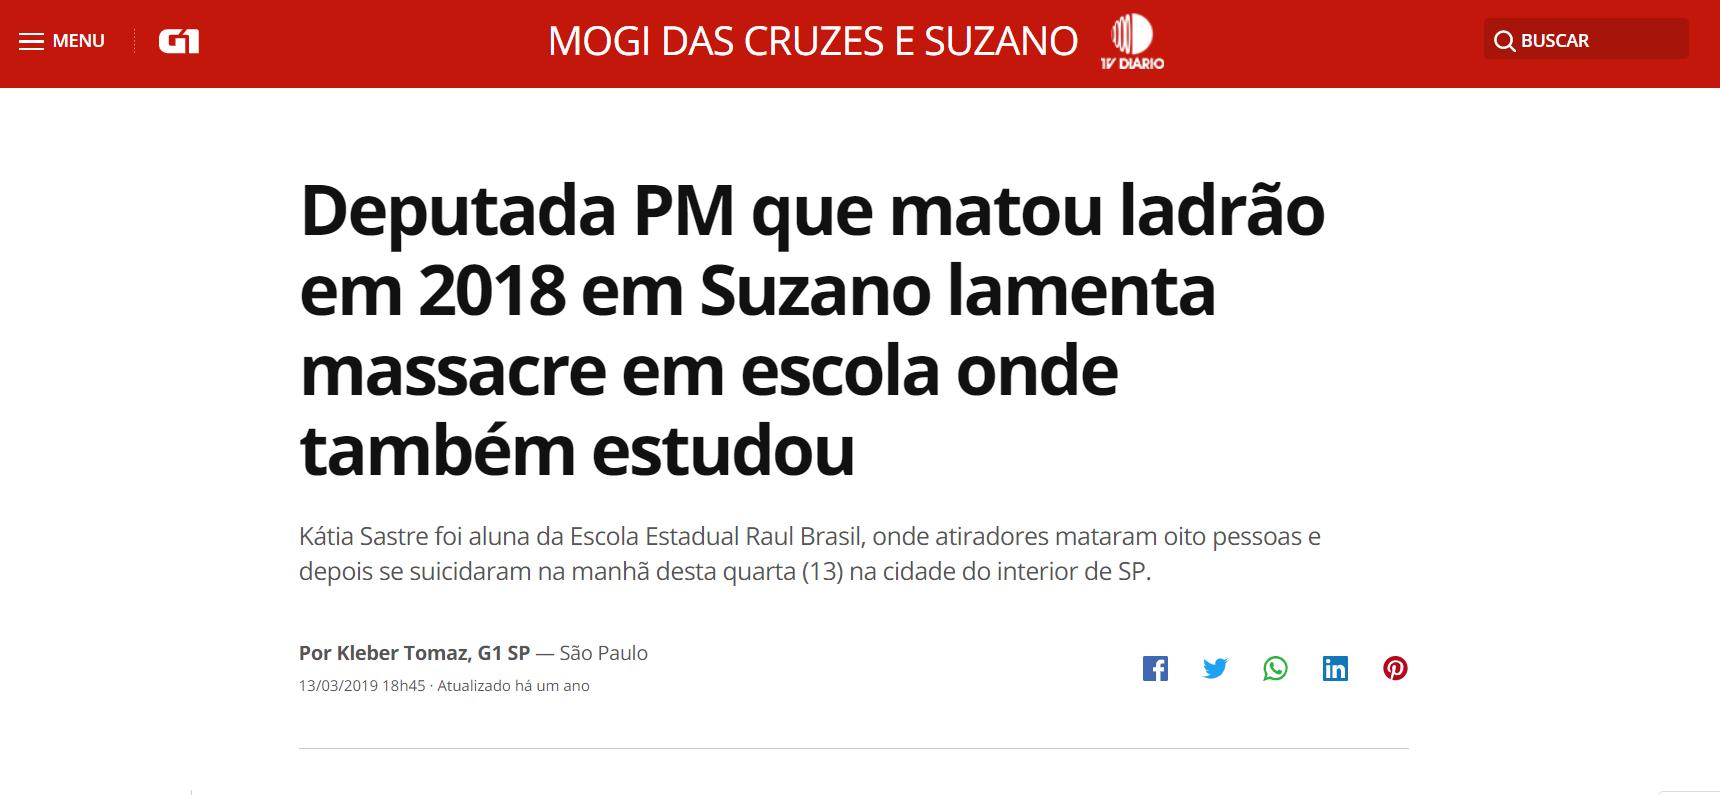 Deputada PM que matou ladrão em 2018 em Suzano lamenta massacre em escola onde também estudou